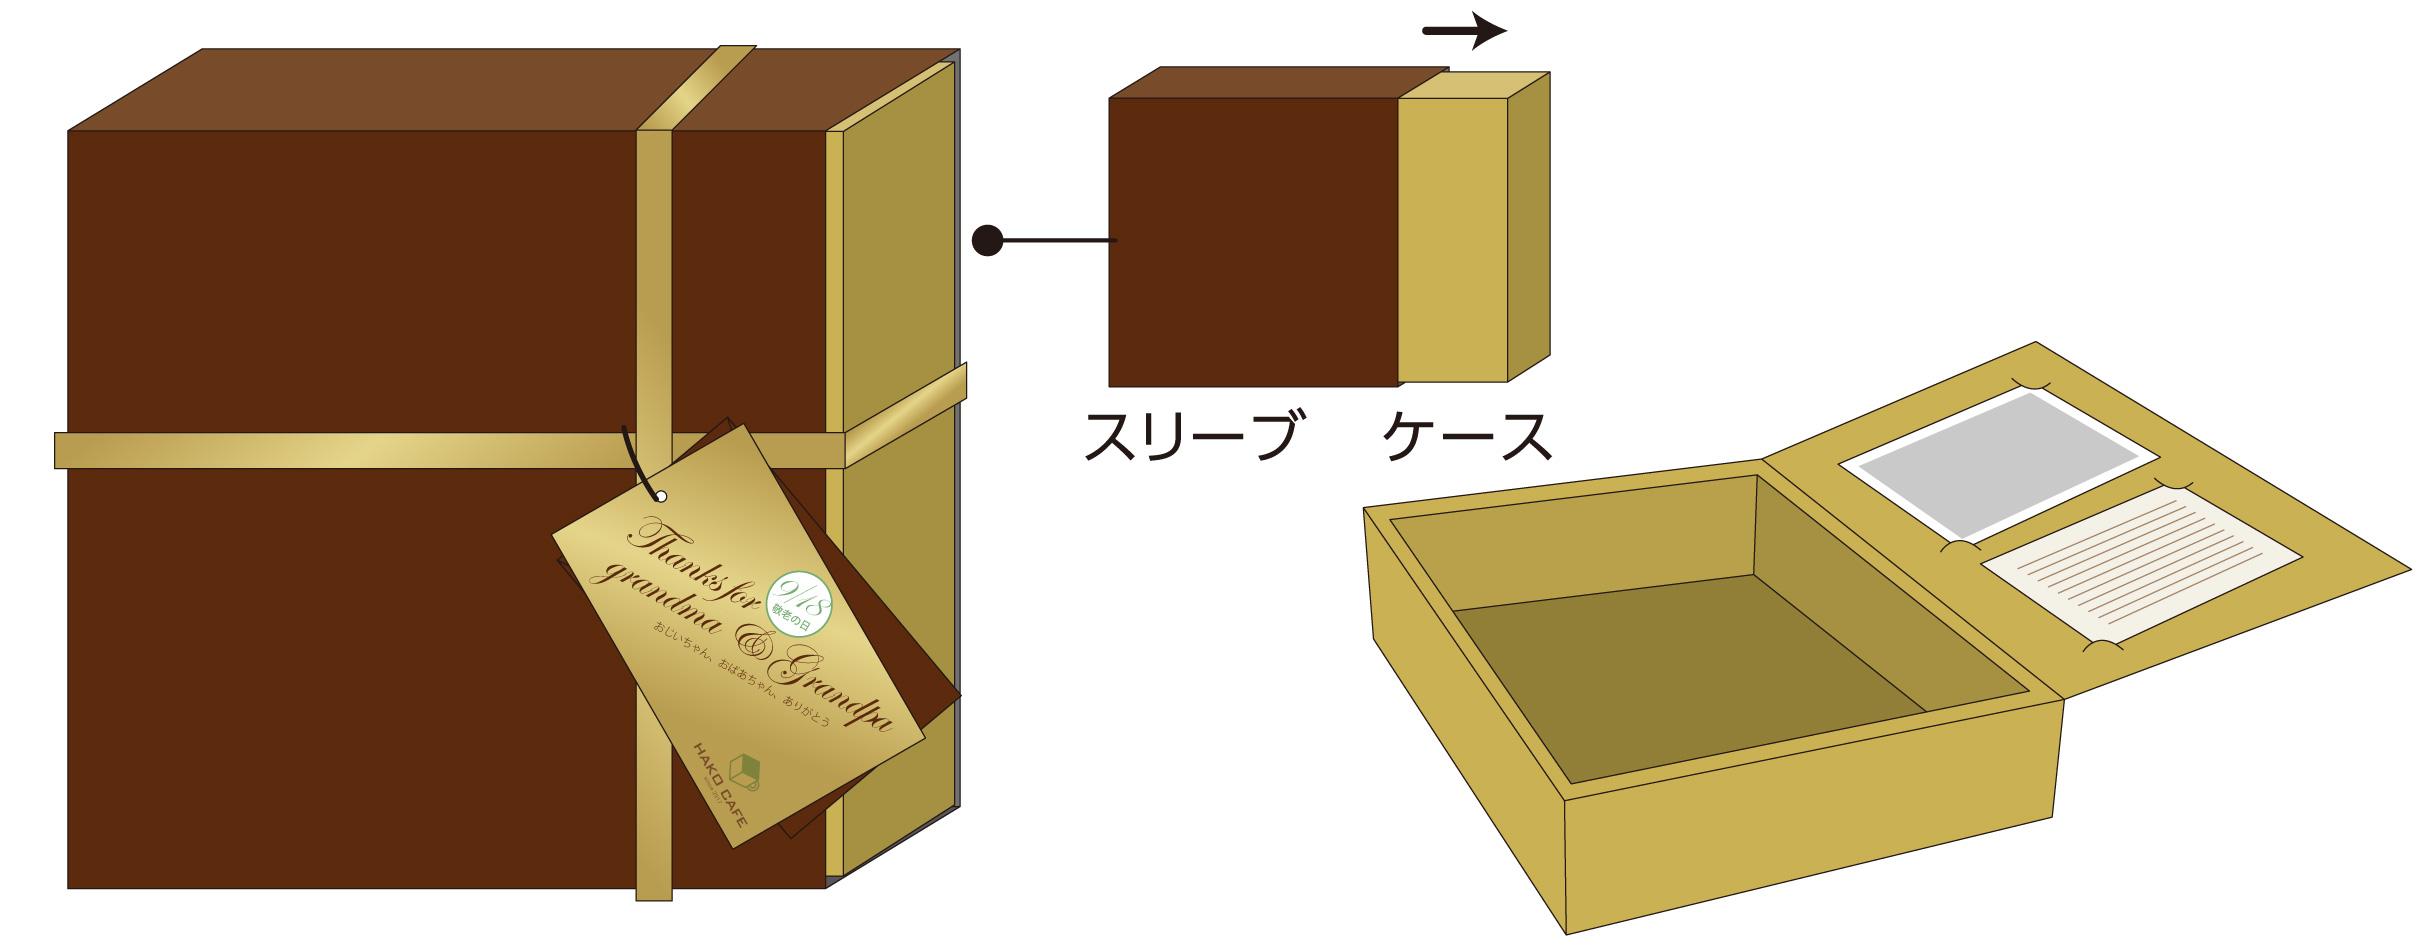 keiro_package_sleeve1702